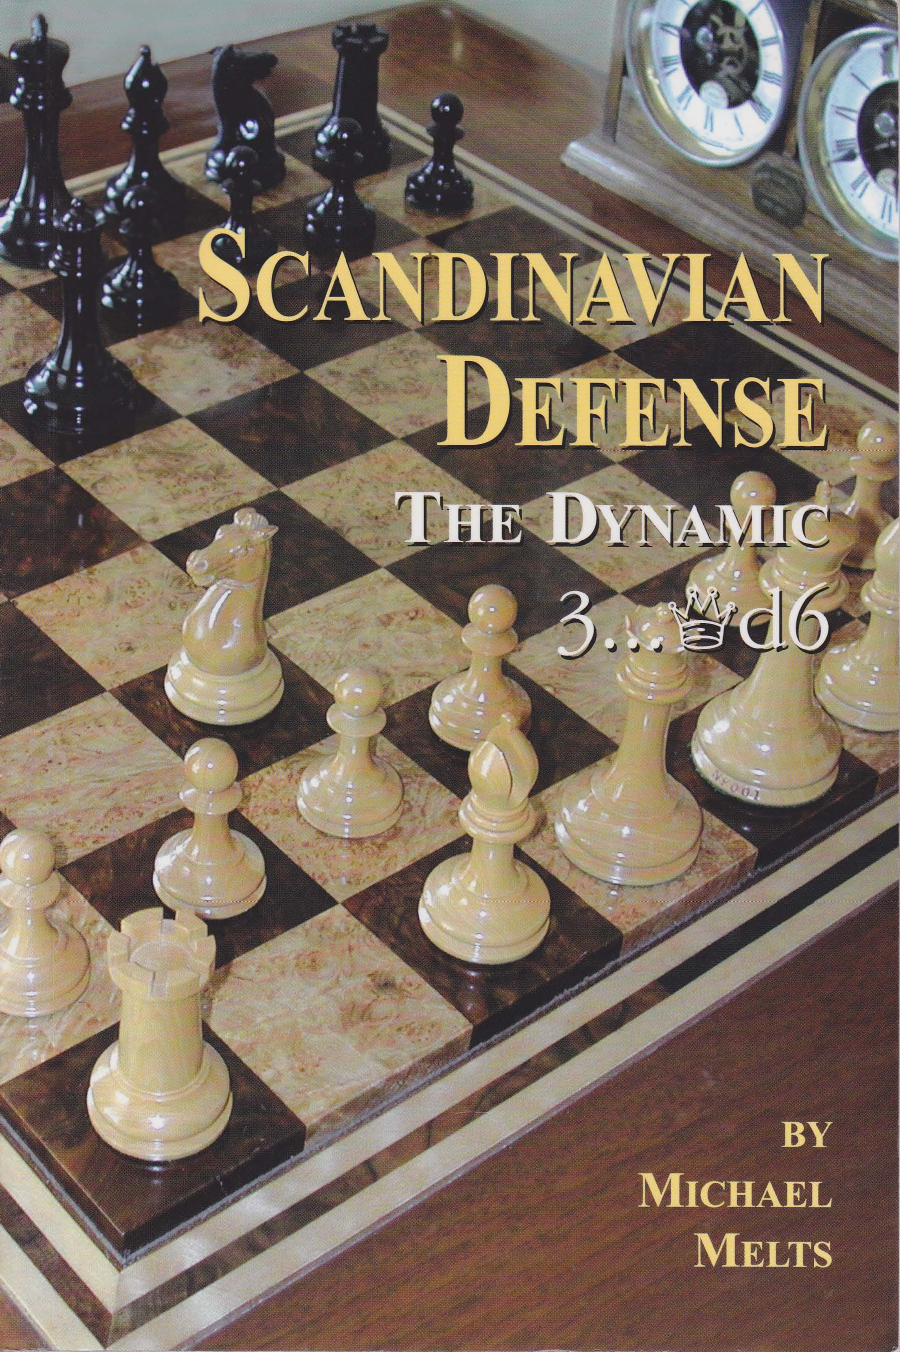 The Qd6 Scandinavian